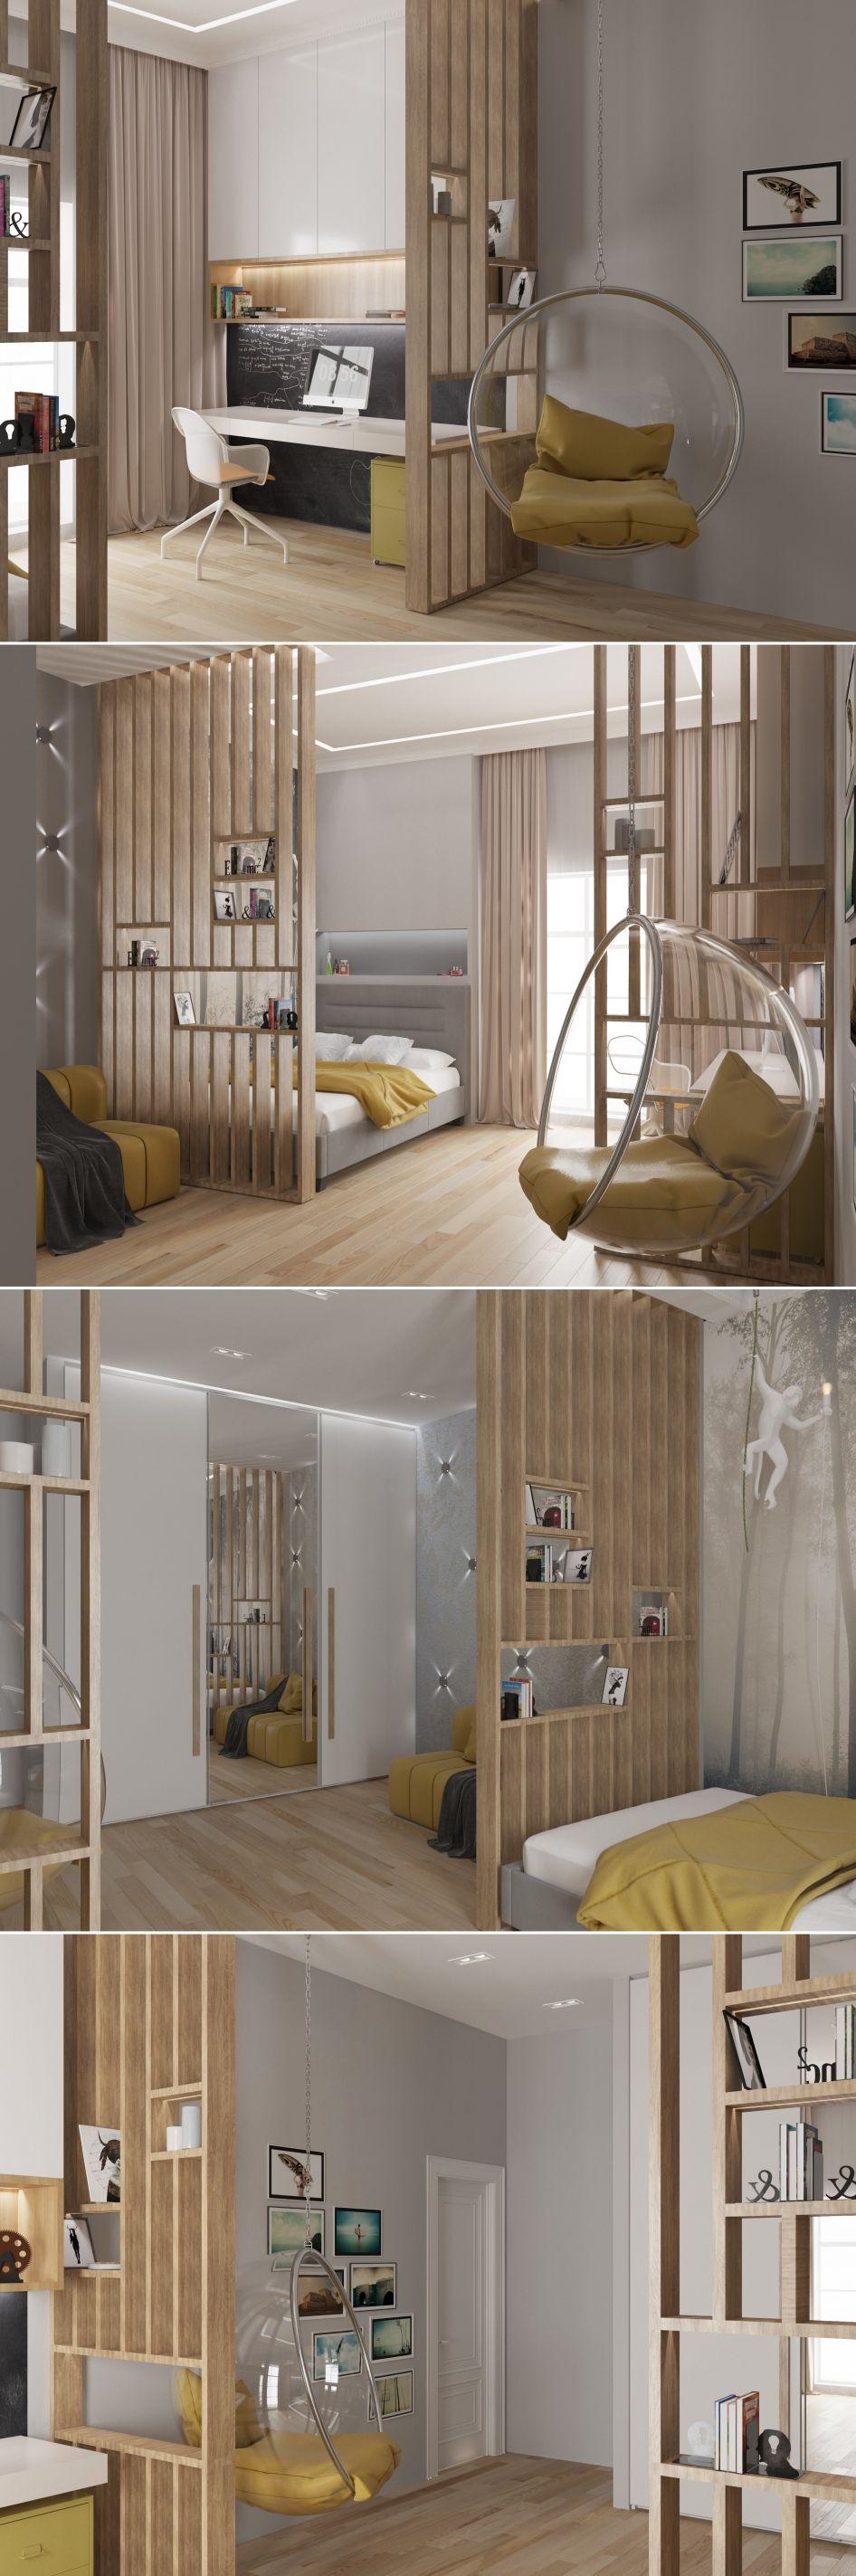 Une maison d architecte de pierre et de bois PLANETE DECO a homes